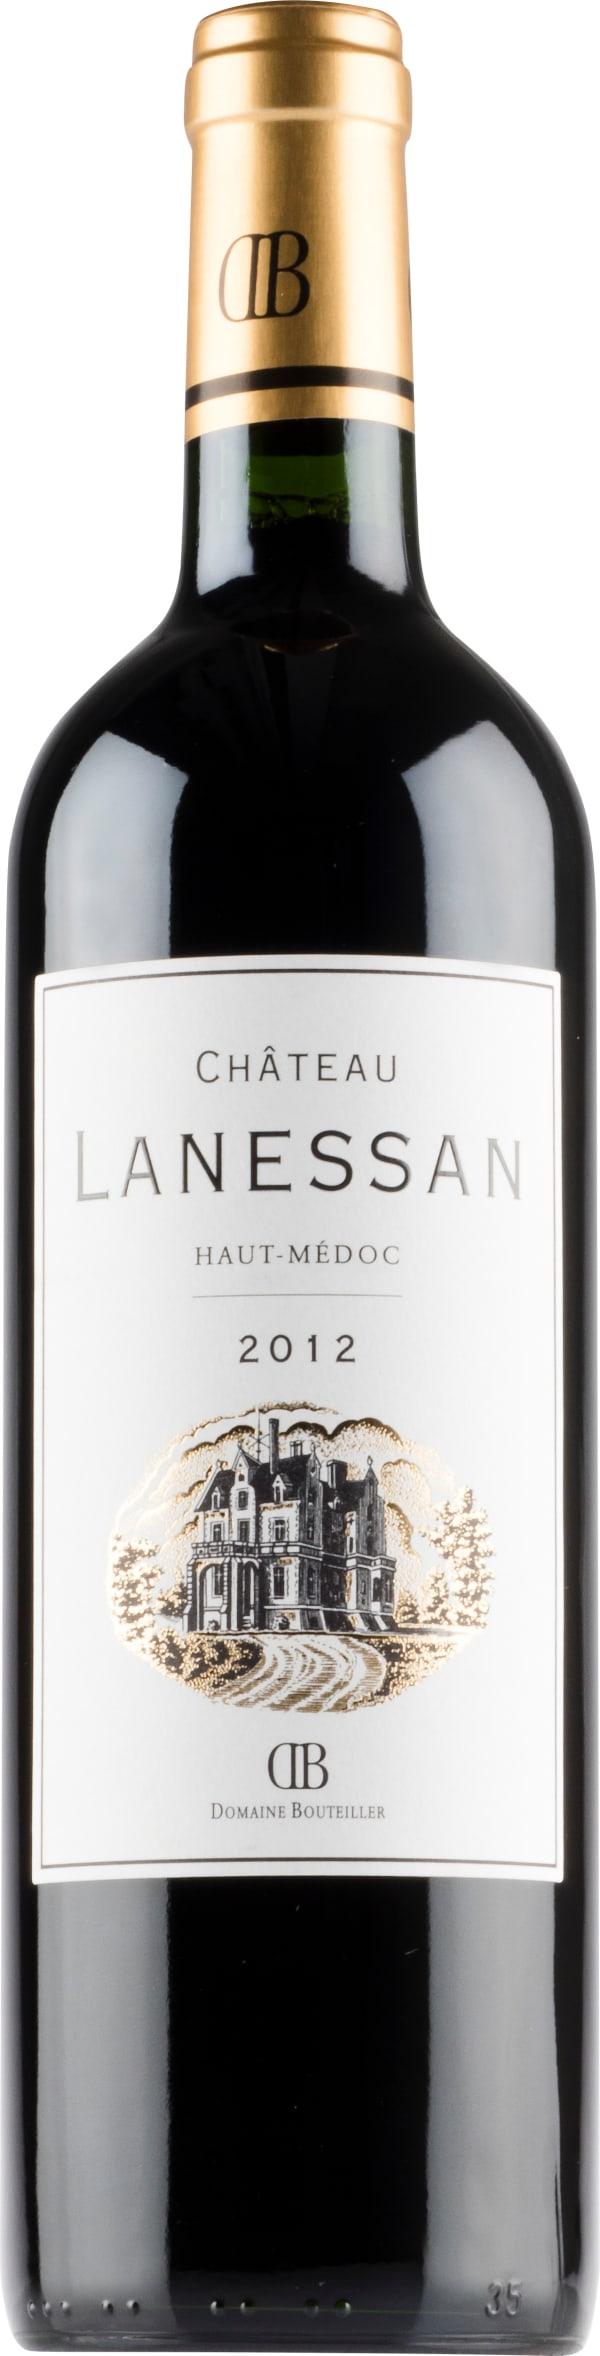 Château Lanessan 2012